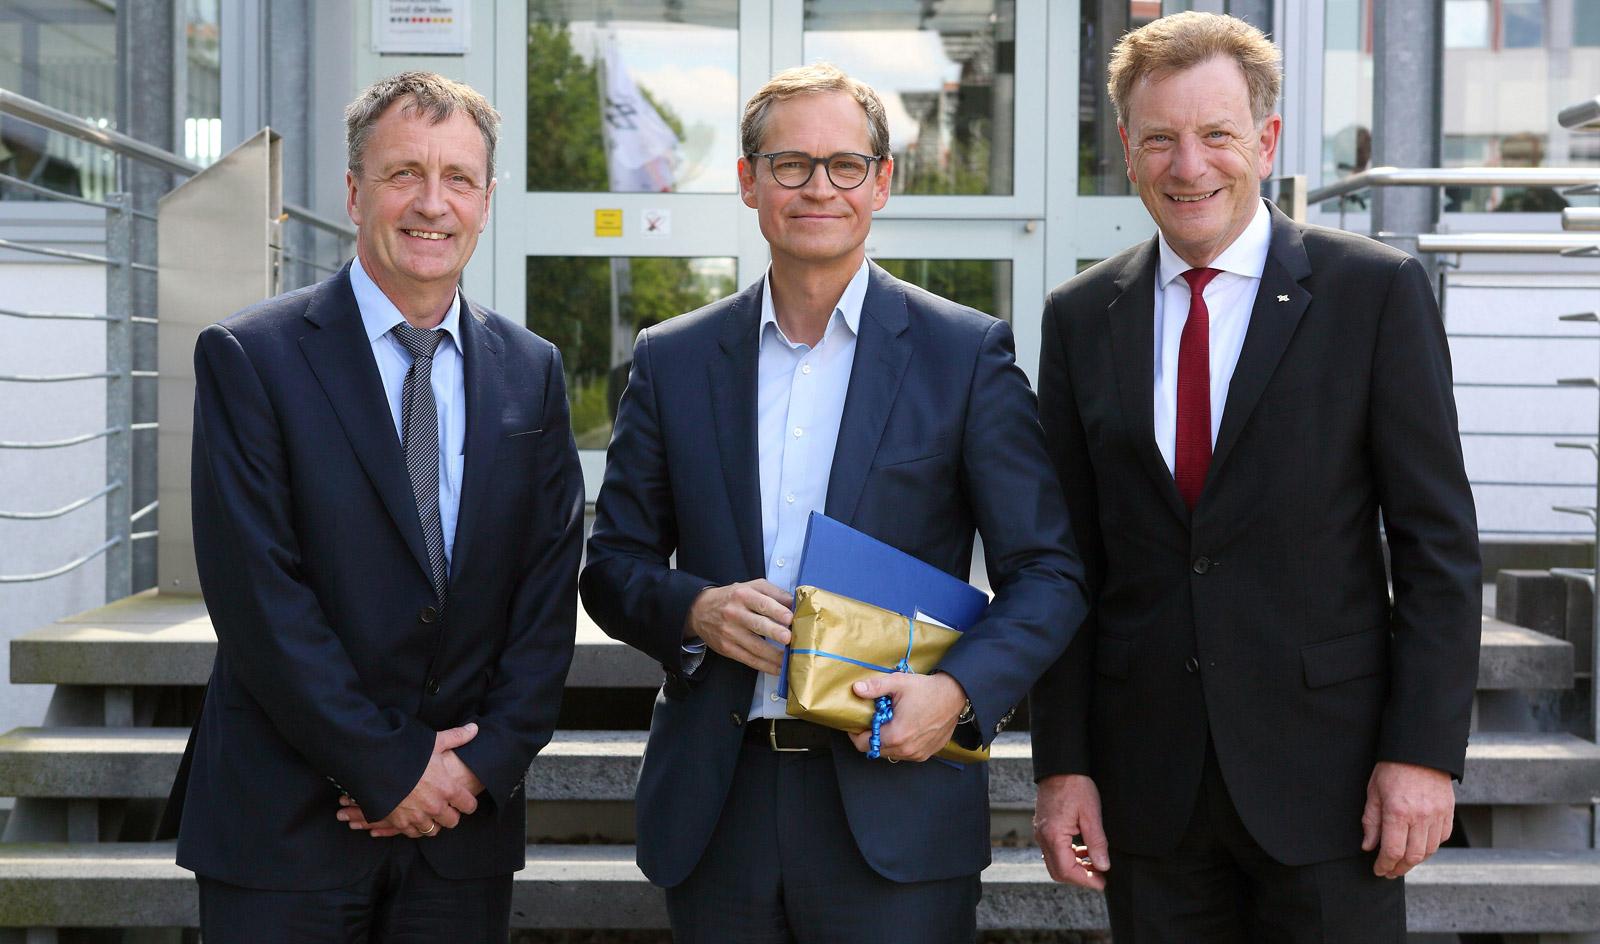 2f96063693 Michael Müller (Mitte) wurde am Standort von DLR-Vorstandsmitglied Klaus  Hamacher (Links) und Peter Georgino, Leiter der Standorte Berlin,  Neustrelitz, ...